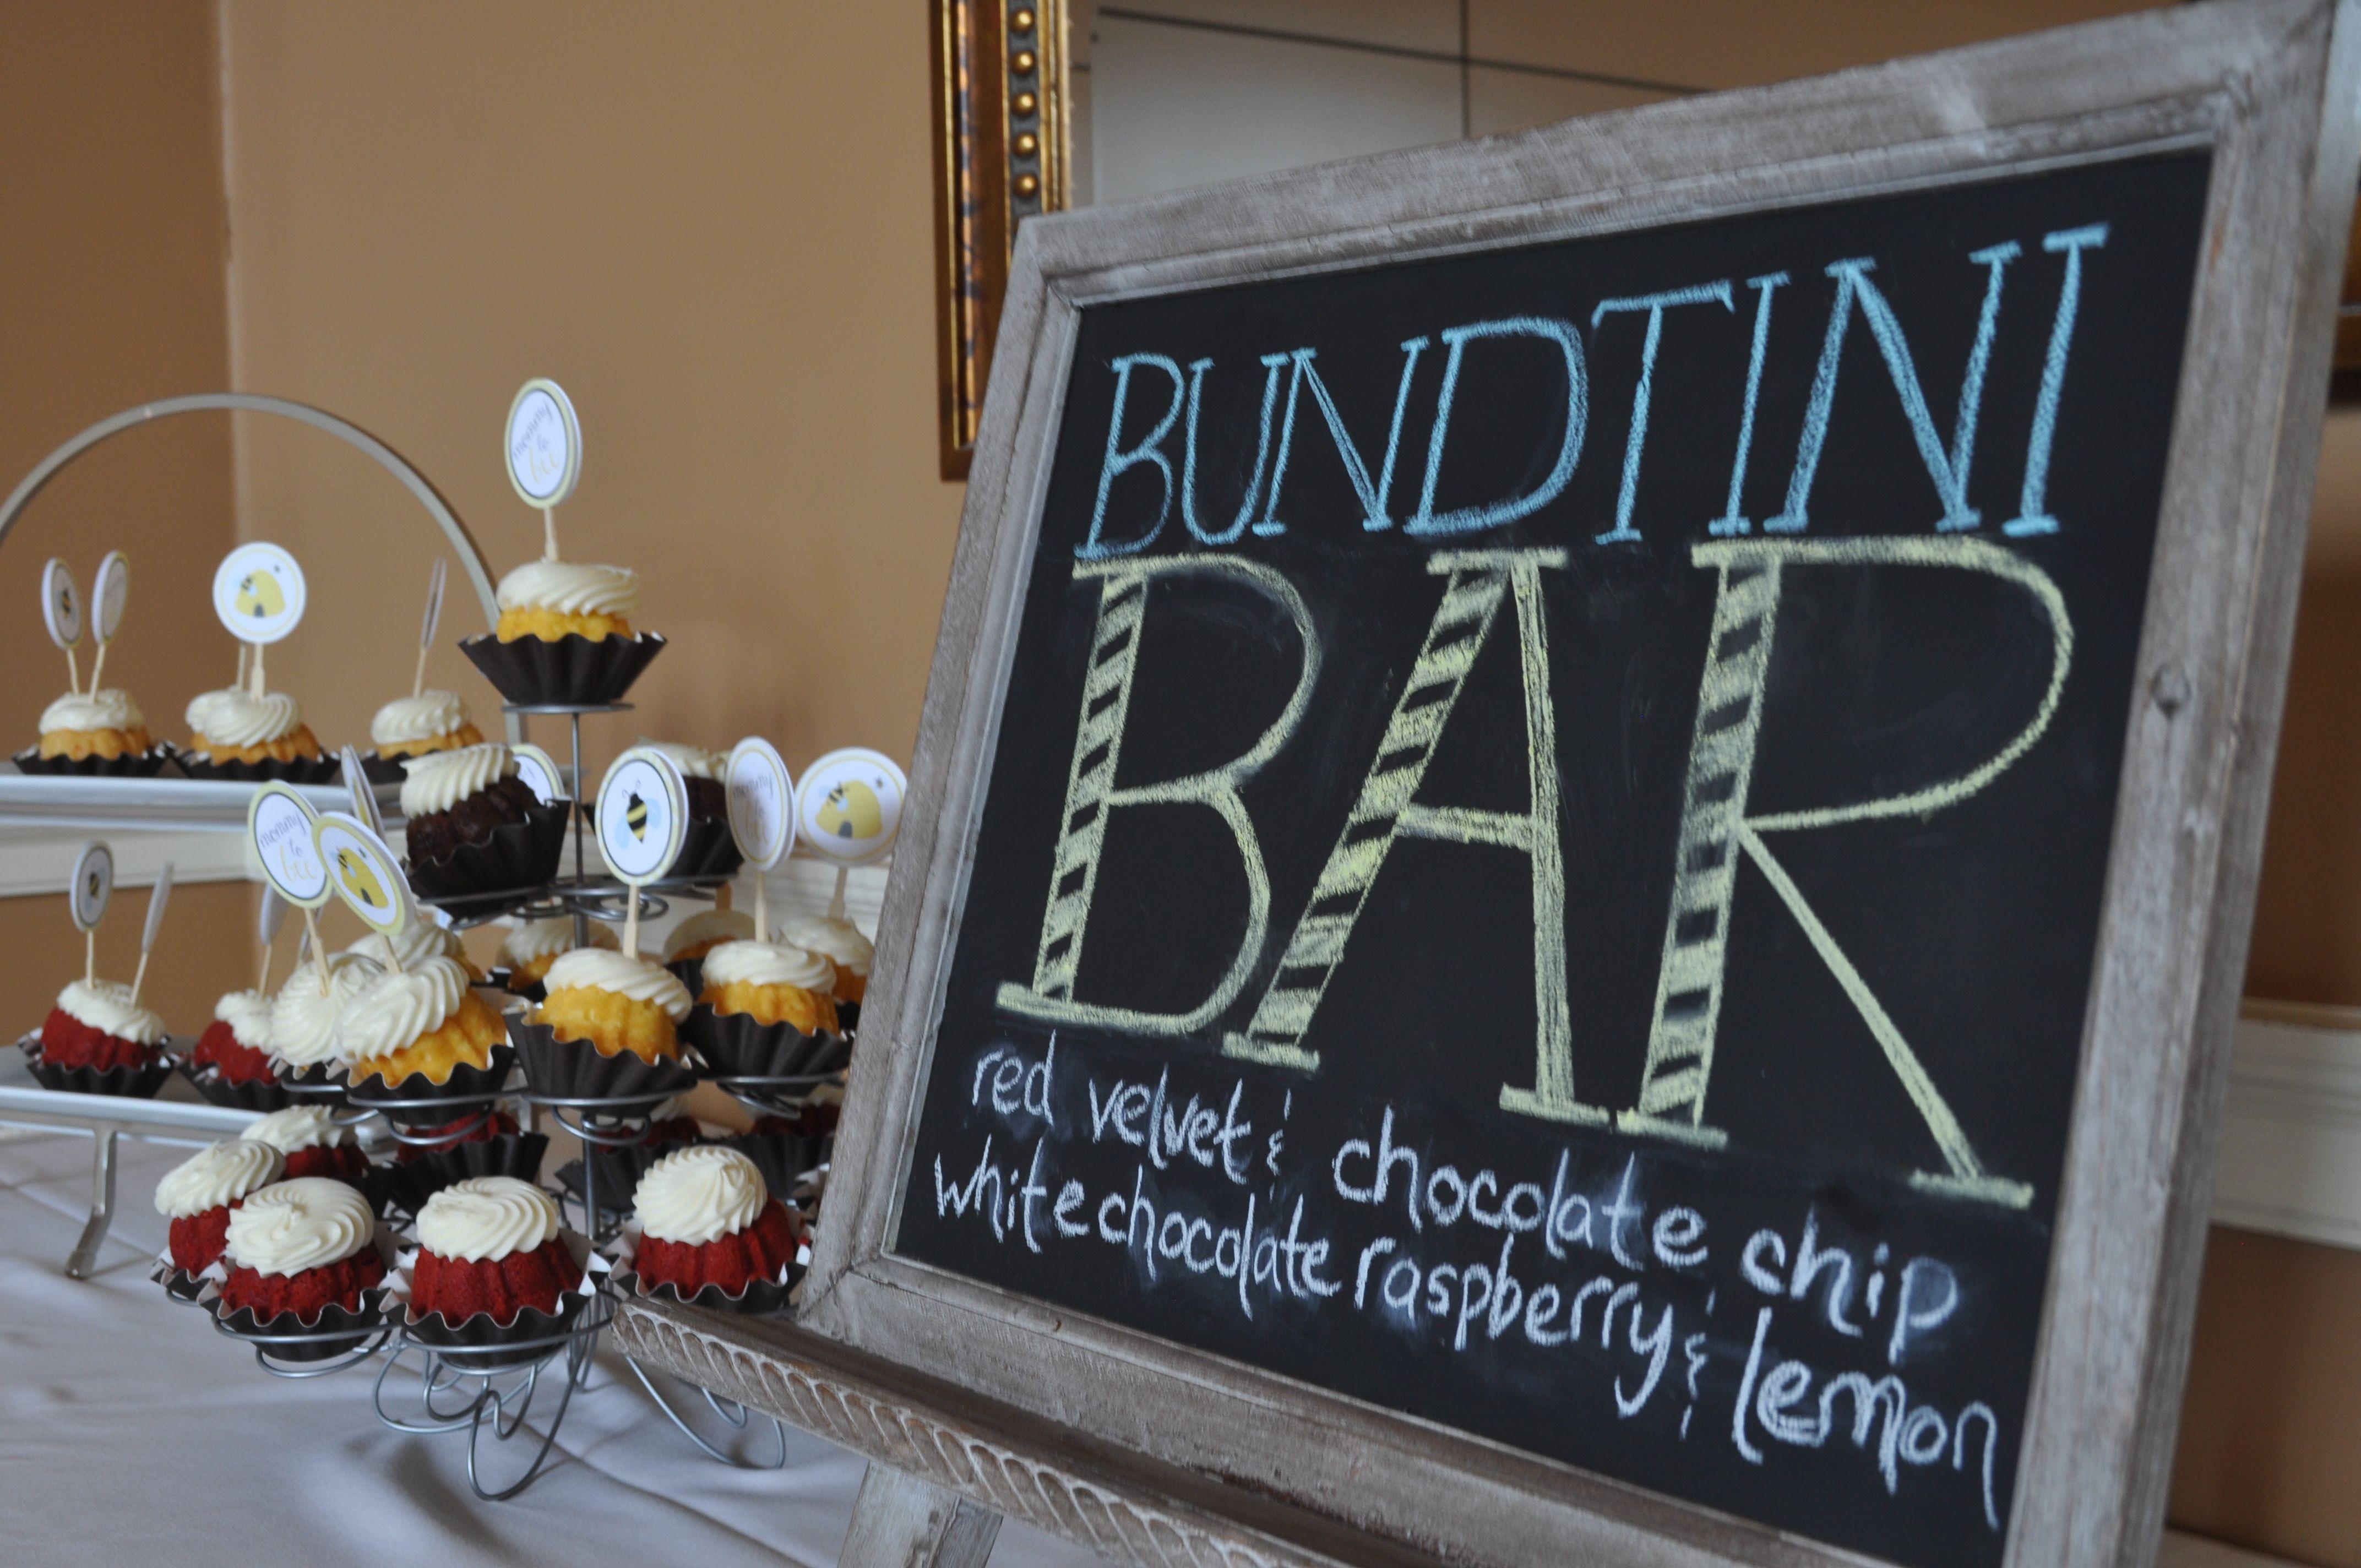 Bundtini Bar Nothing Bundt Cake Wedding Desserts Wedding